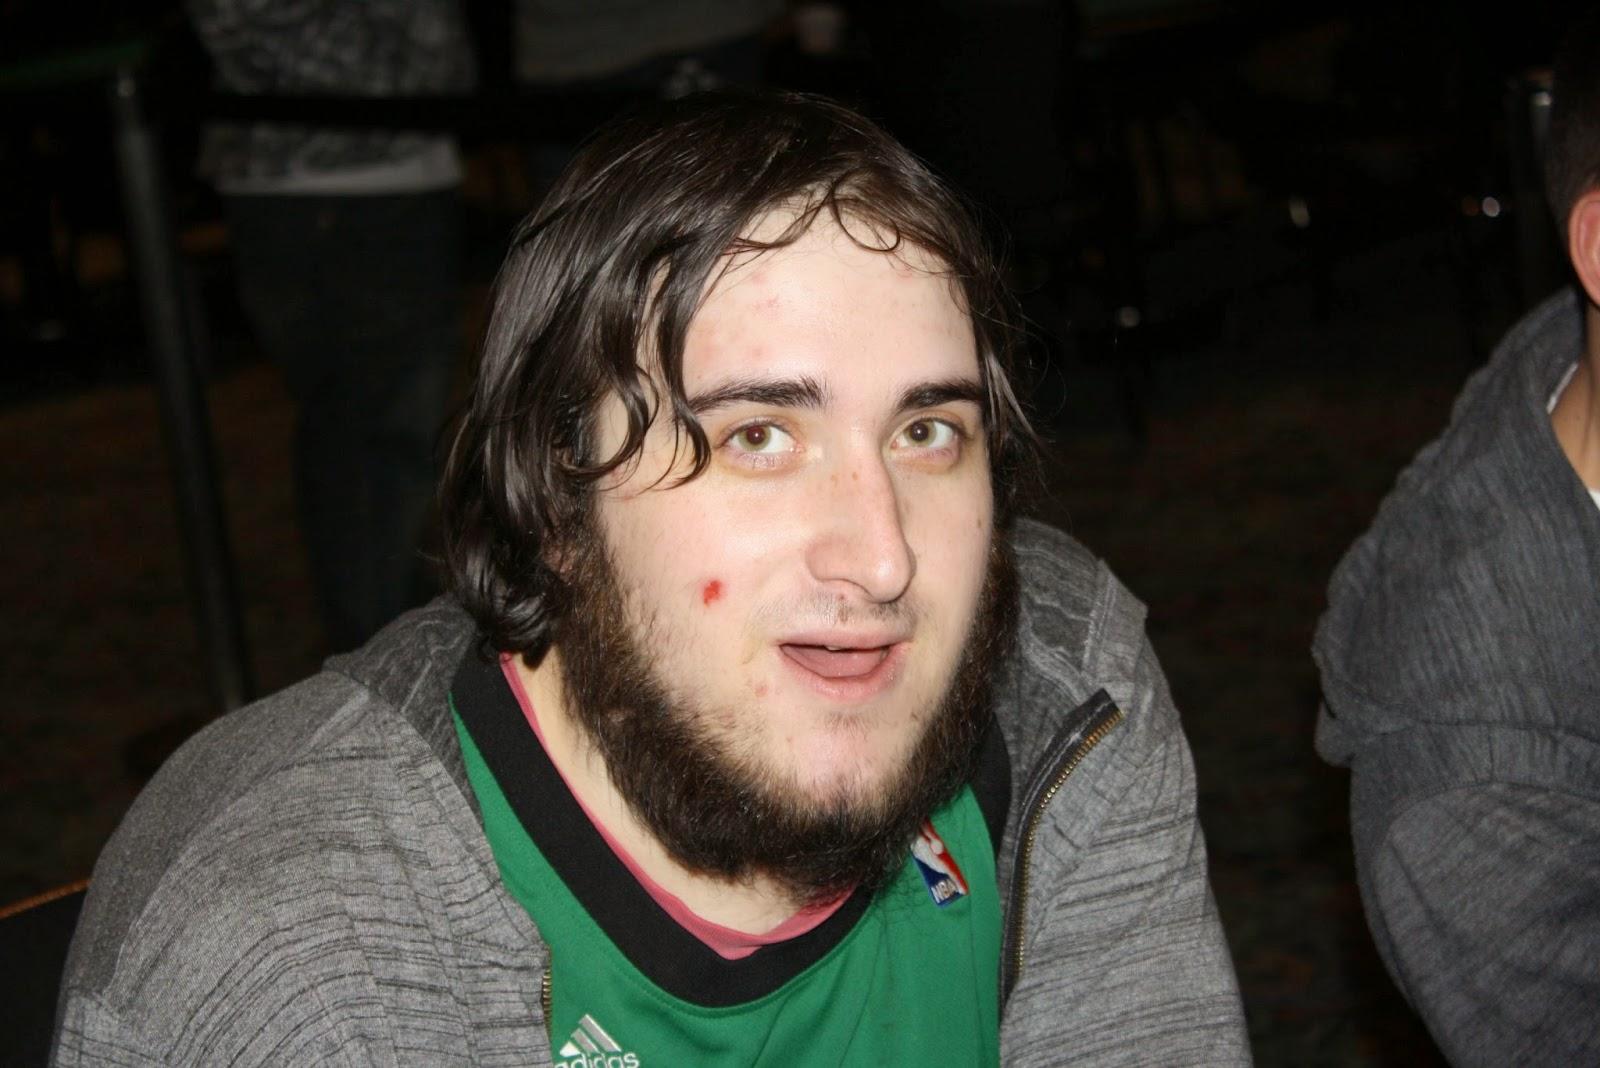 Justin Schwartz